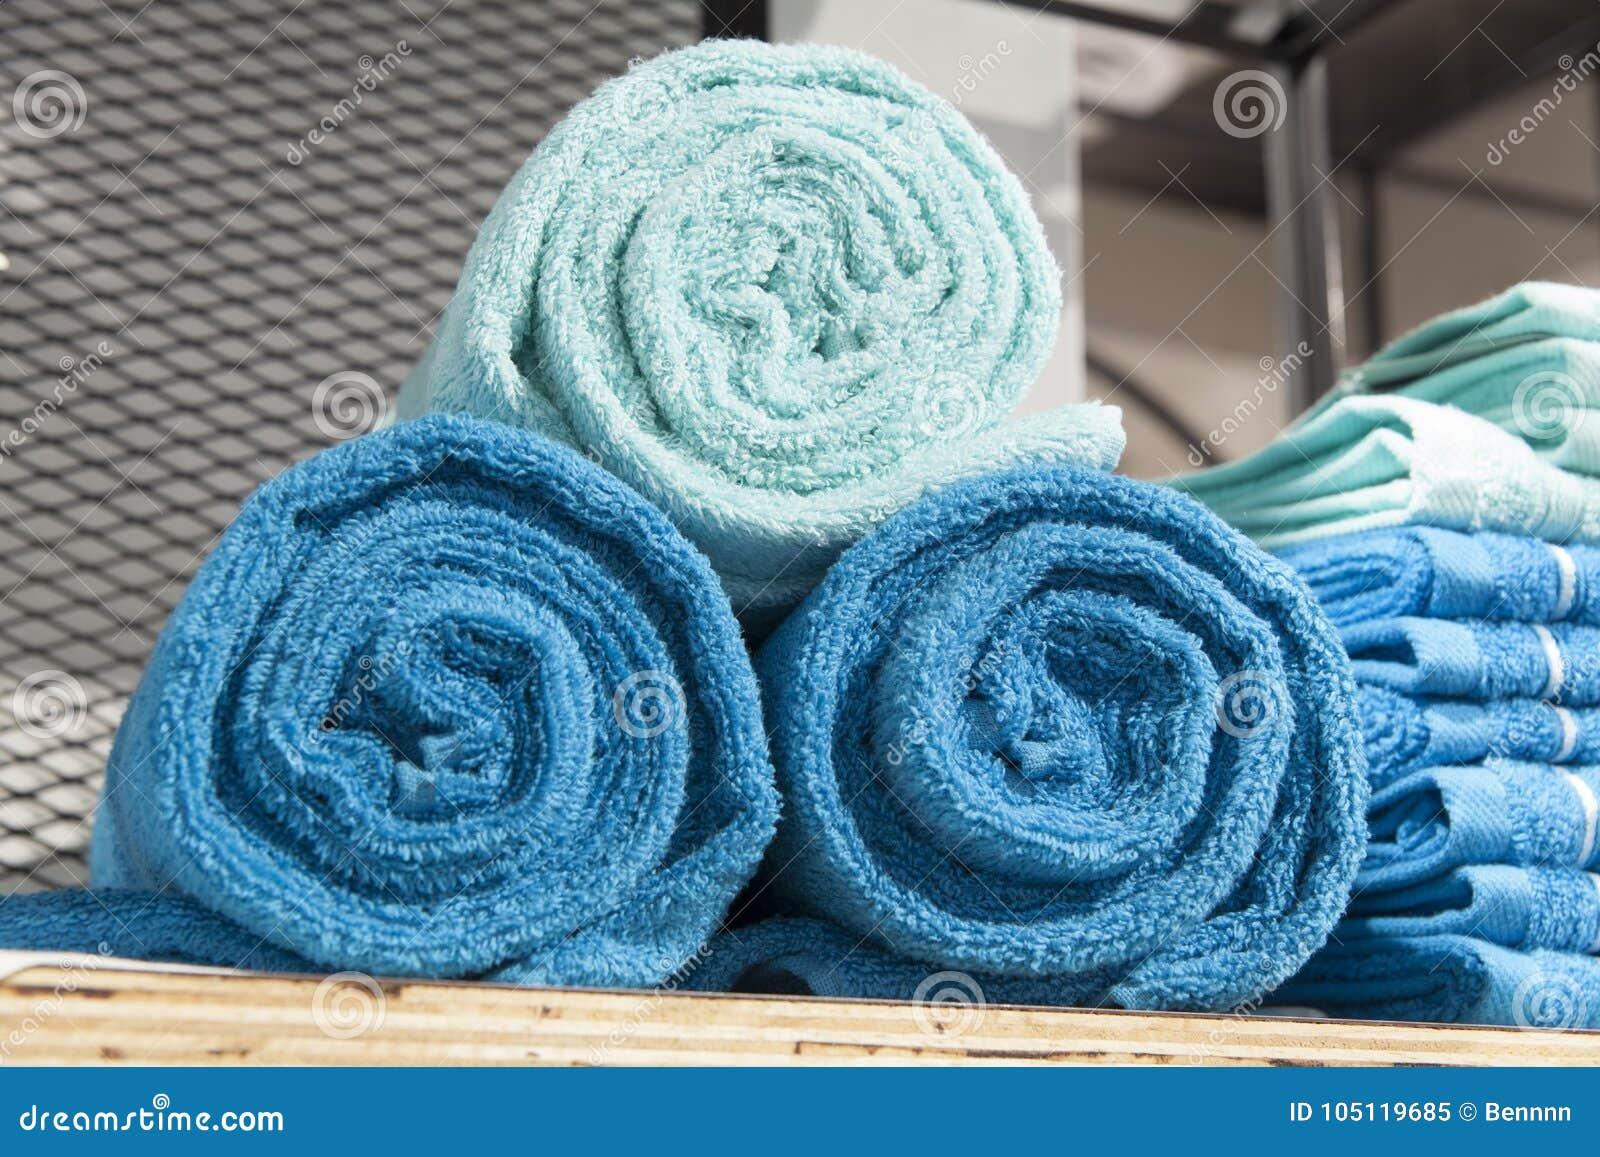 Pile of towel on shelf stock image. Image of piled, market - 105119685